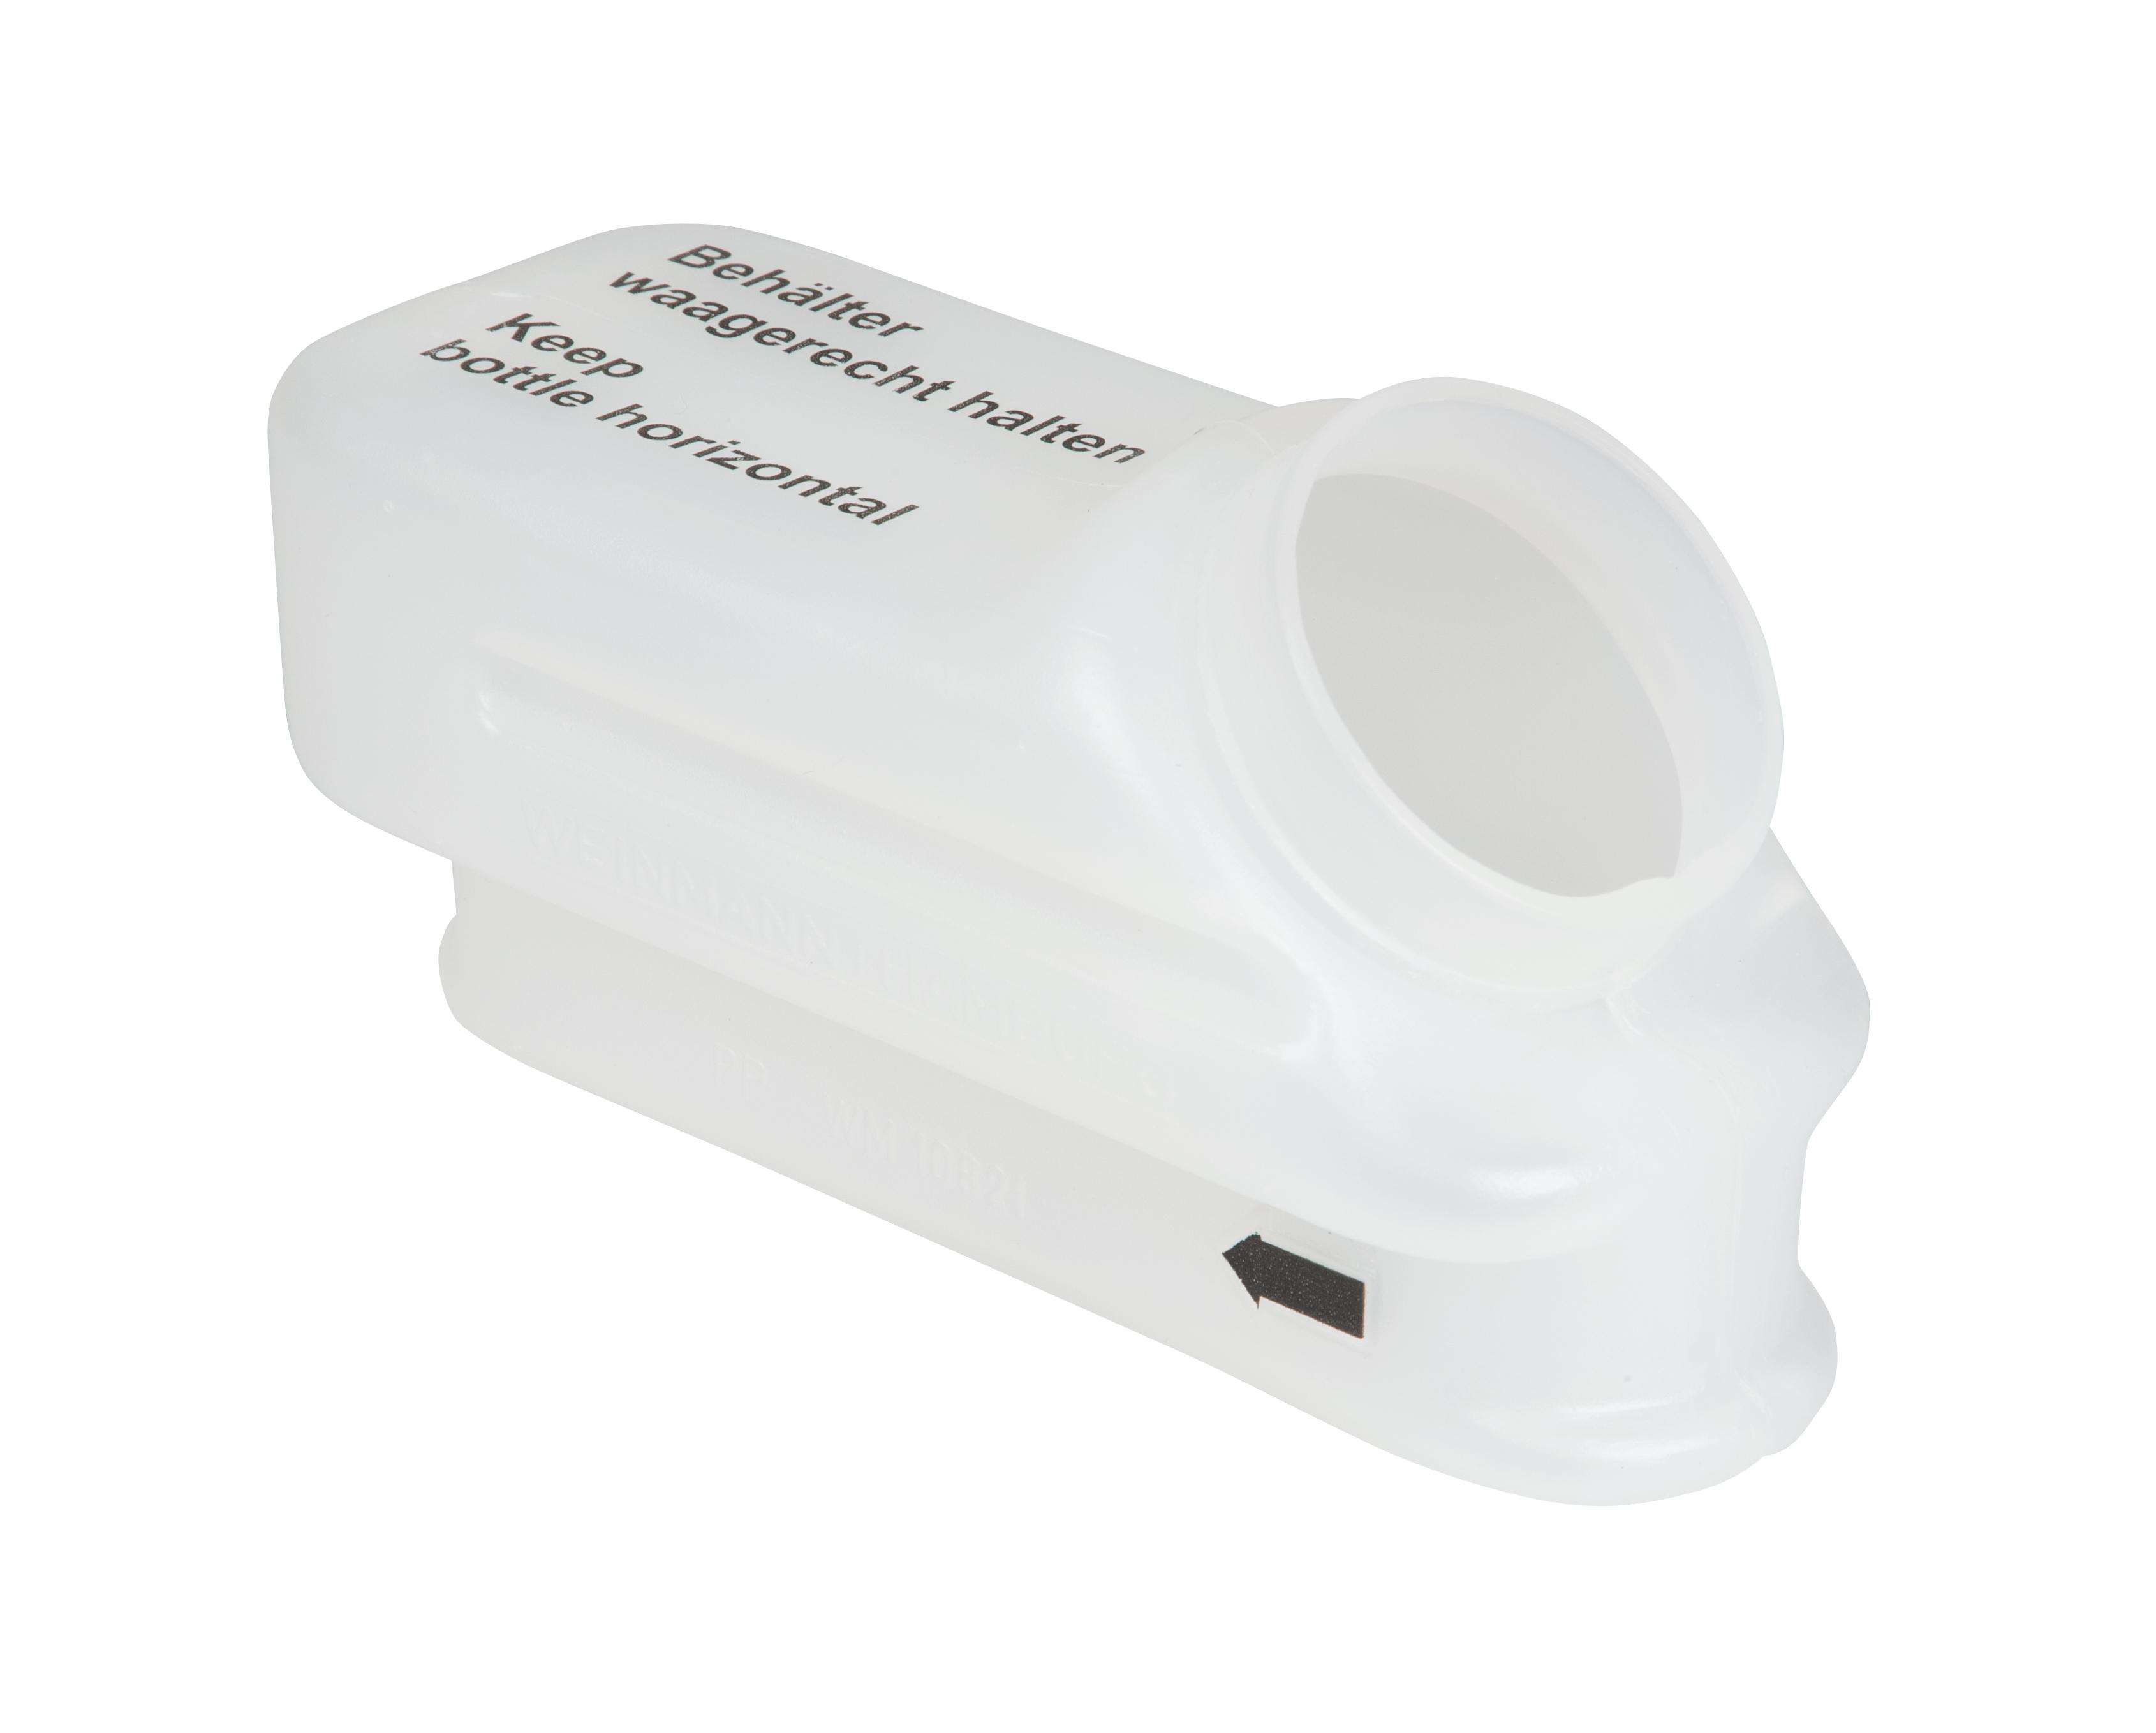 Sekretbehälter 370 ml, für MANUVAC Absaugpumpe